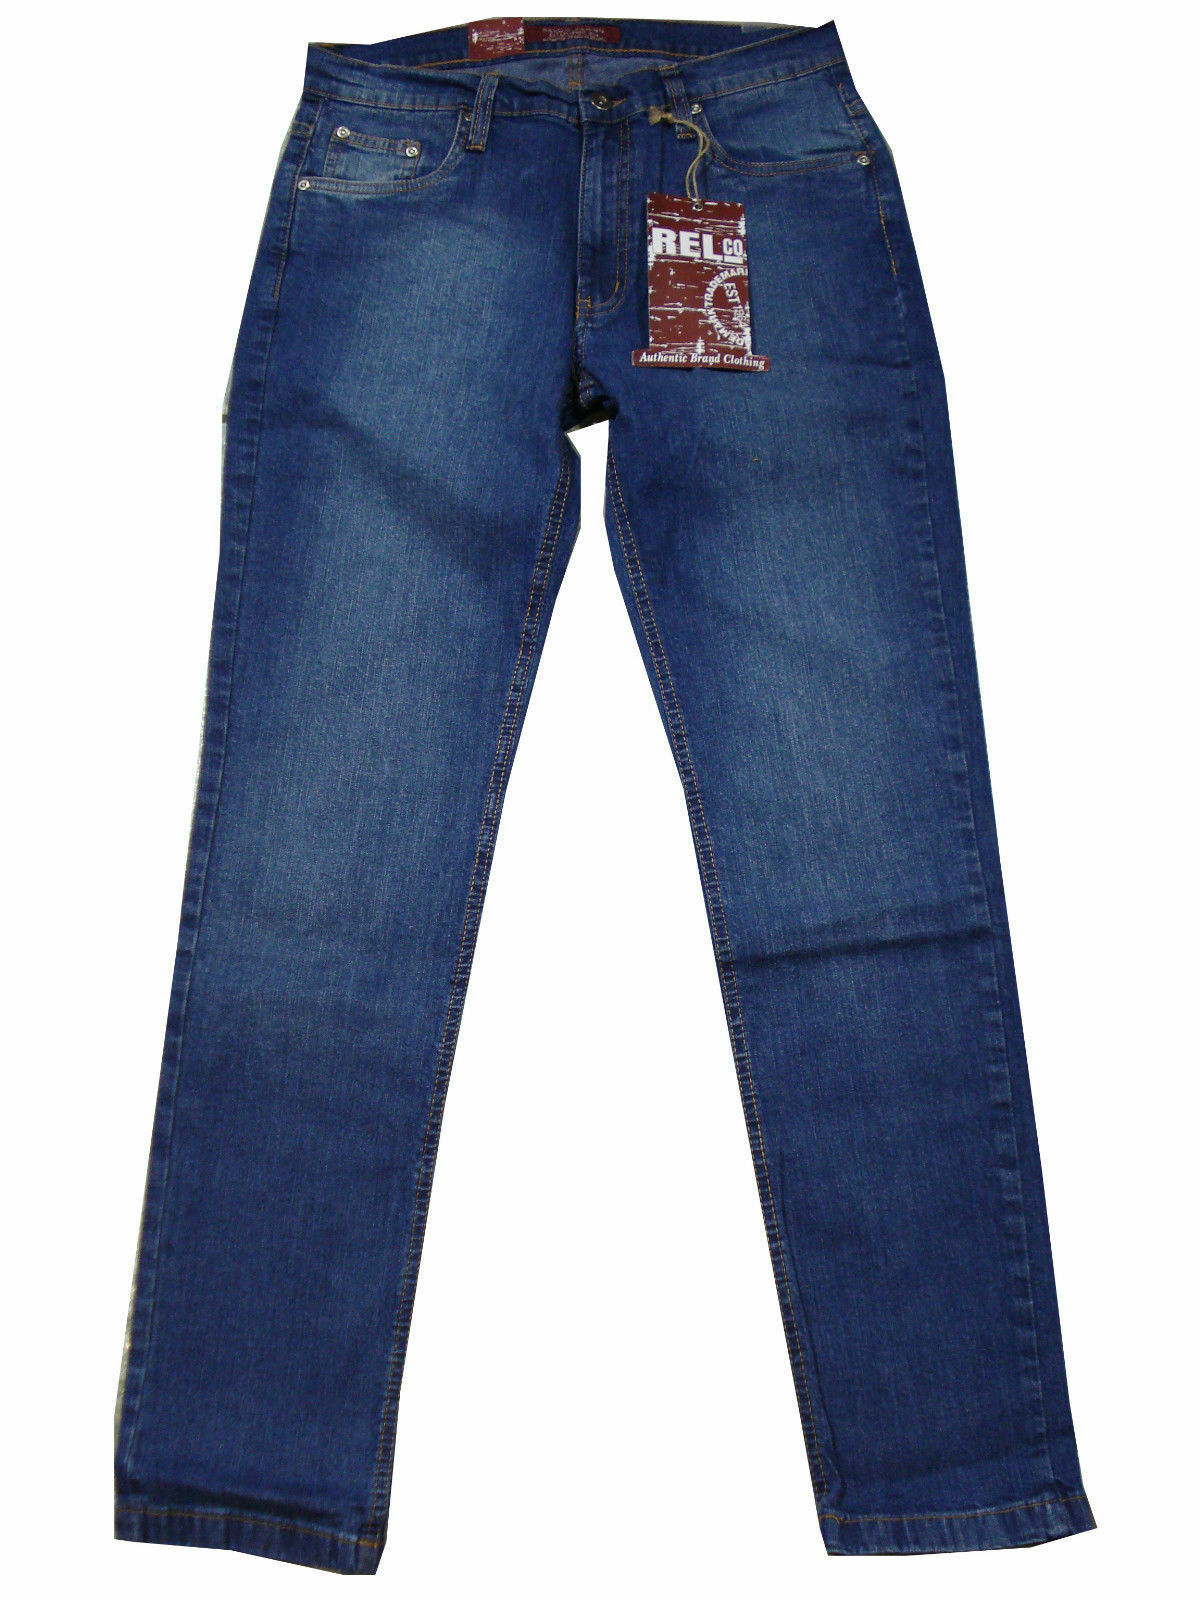 Herren RELCO LONDON enganliegend Stretch Stretch Stretch modische Jeans - blau gebleichtes Denim  | Clever und praktisch  07bfcb